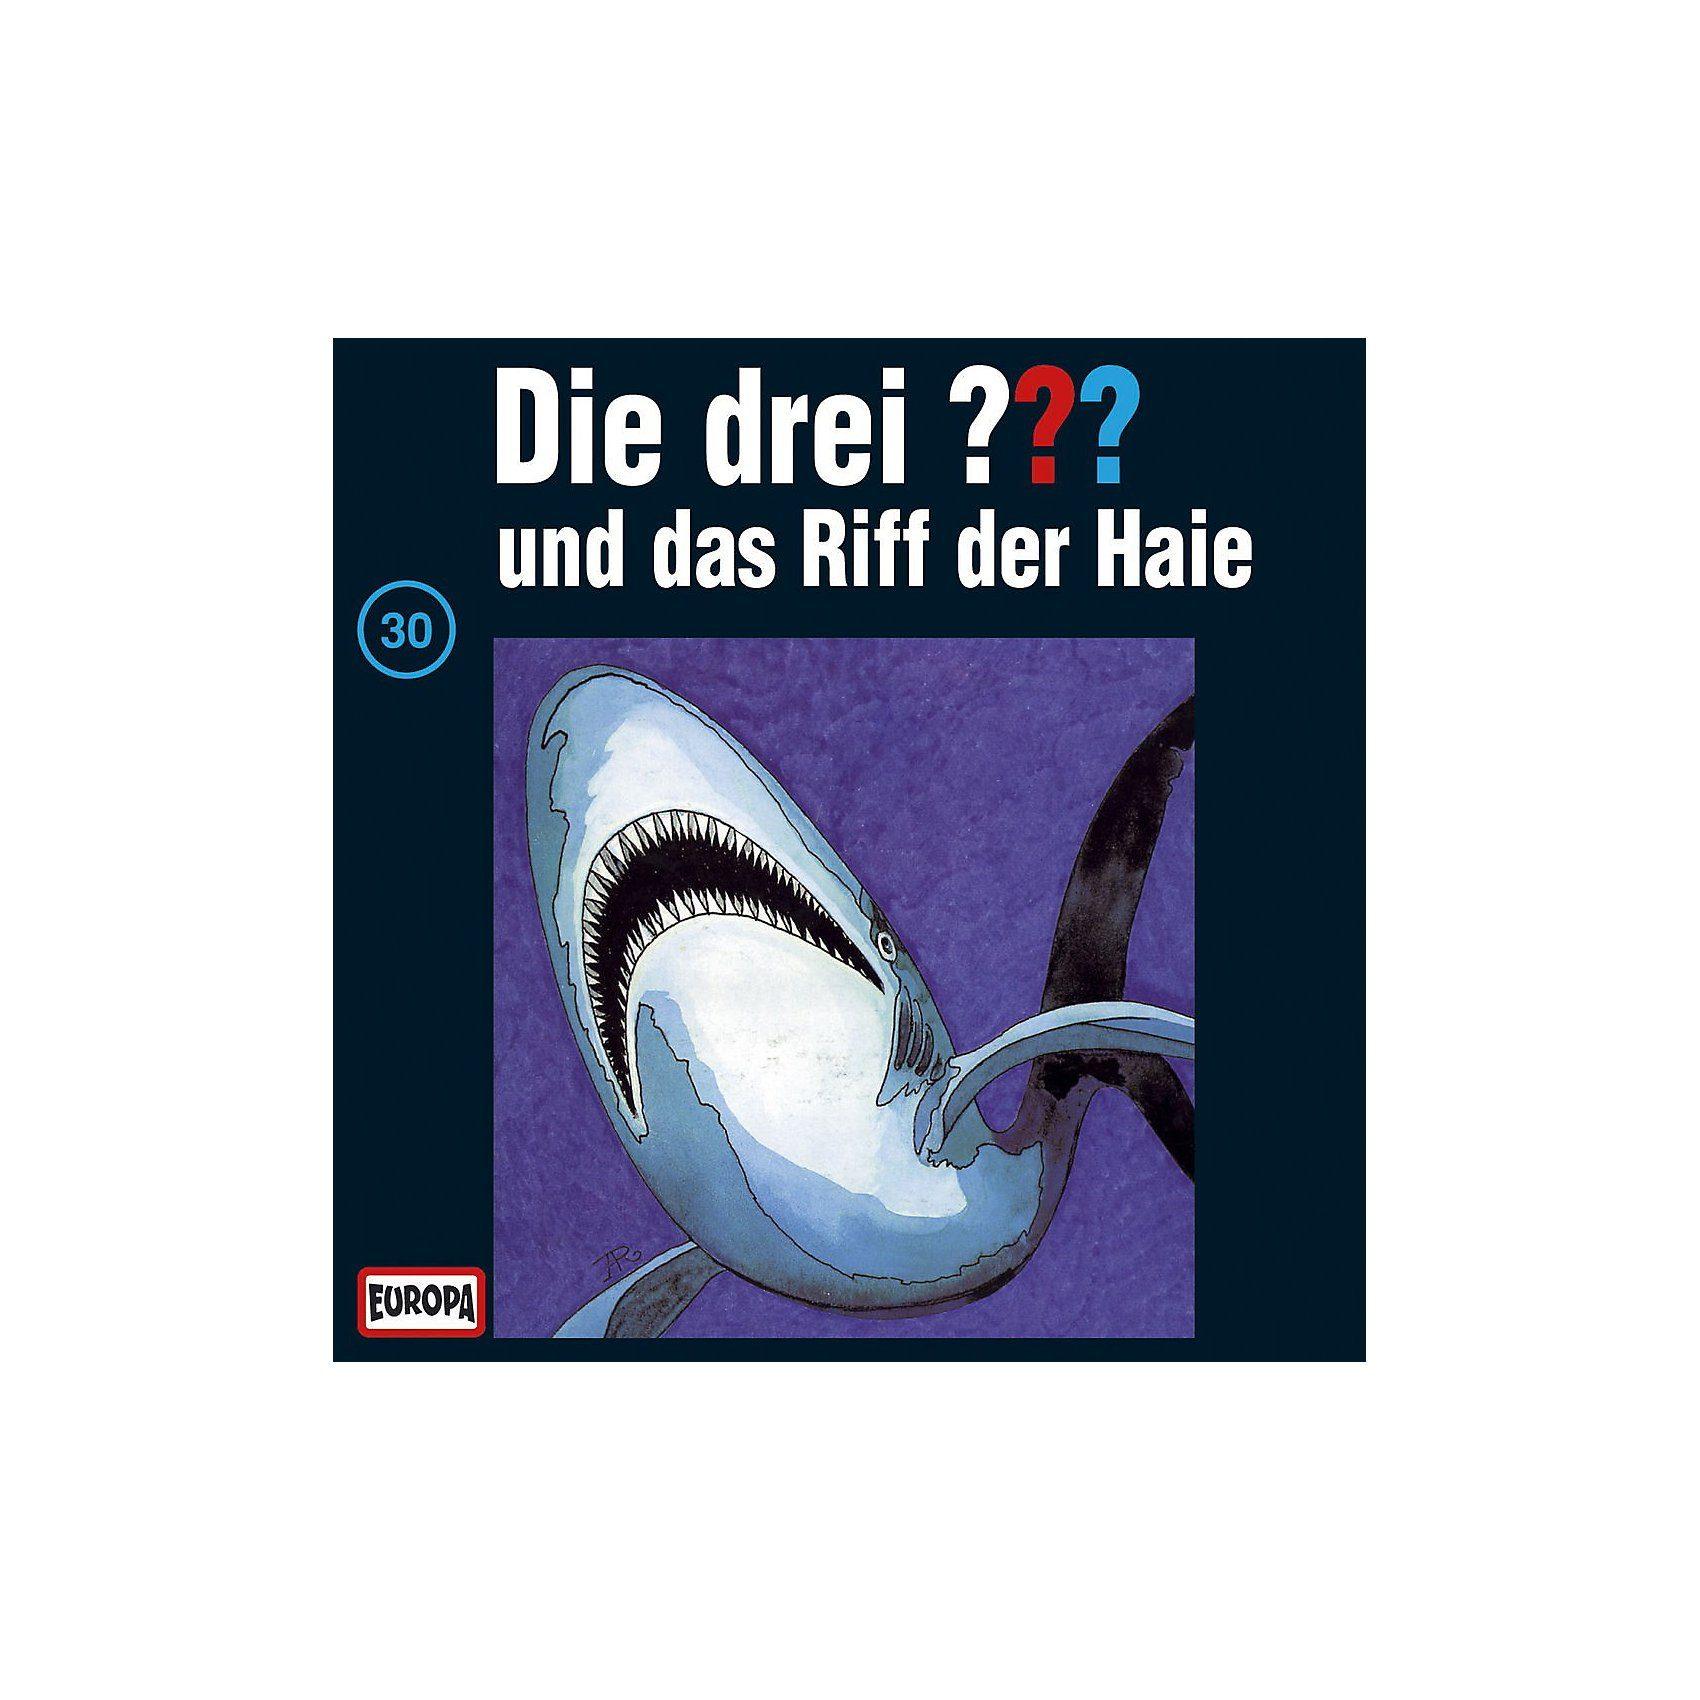 Sony CD Die Drei ??? 030/und das Riff der Haie